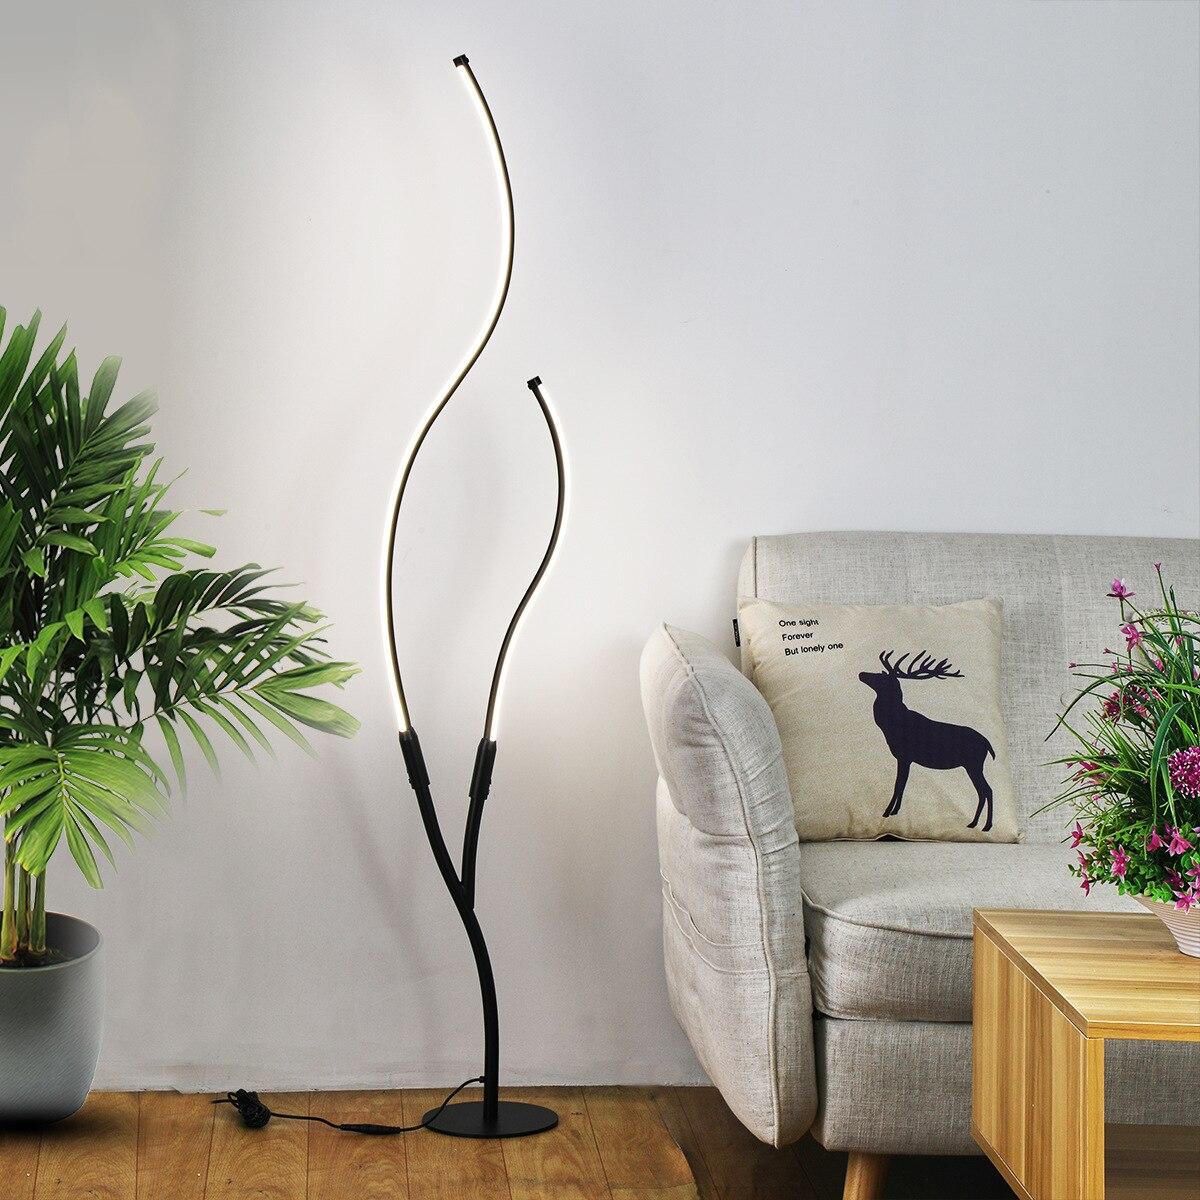 الحديثة شجرة لمبة أرضية ليد غرفة المعيشة غرفة نوم إضاءة داخلية السرير القدم مصباح أسود أبيض الزاوية الطابق الدائمة ديكور تركيبات